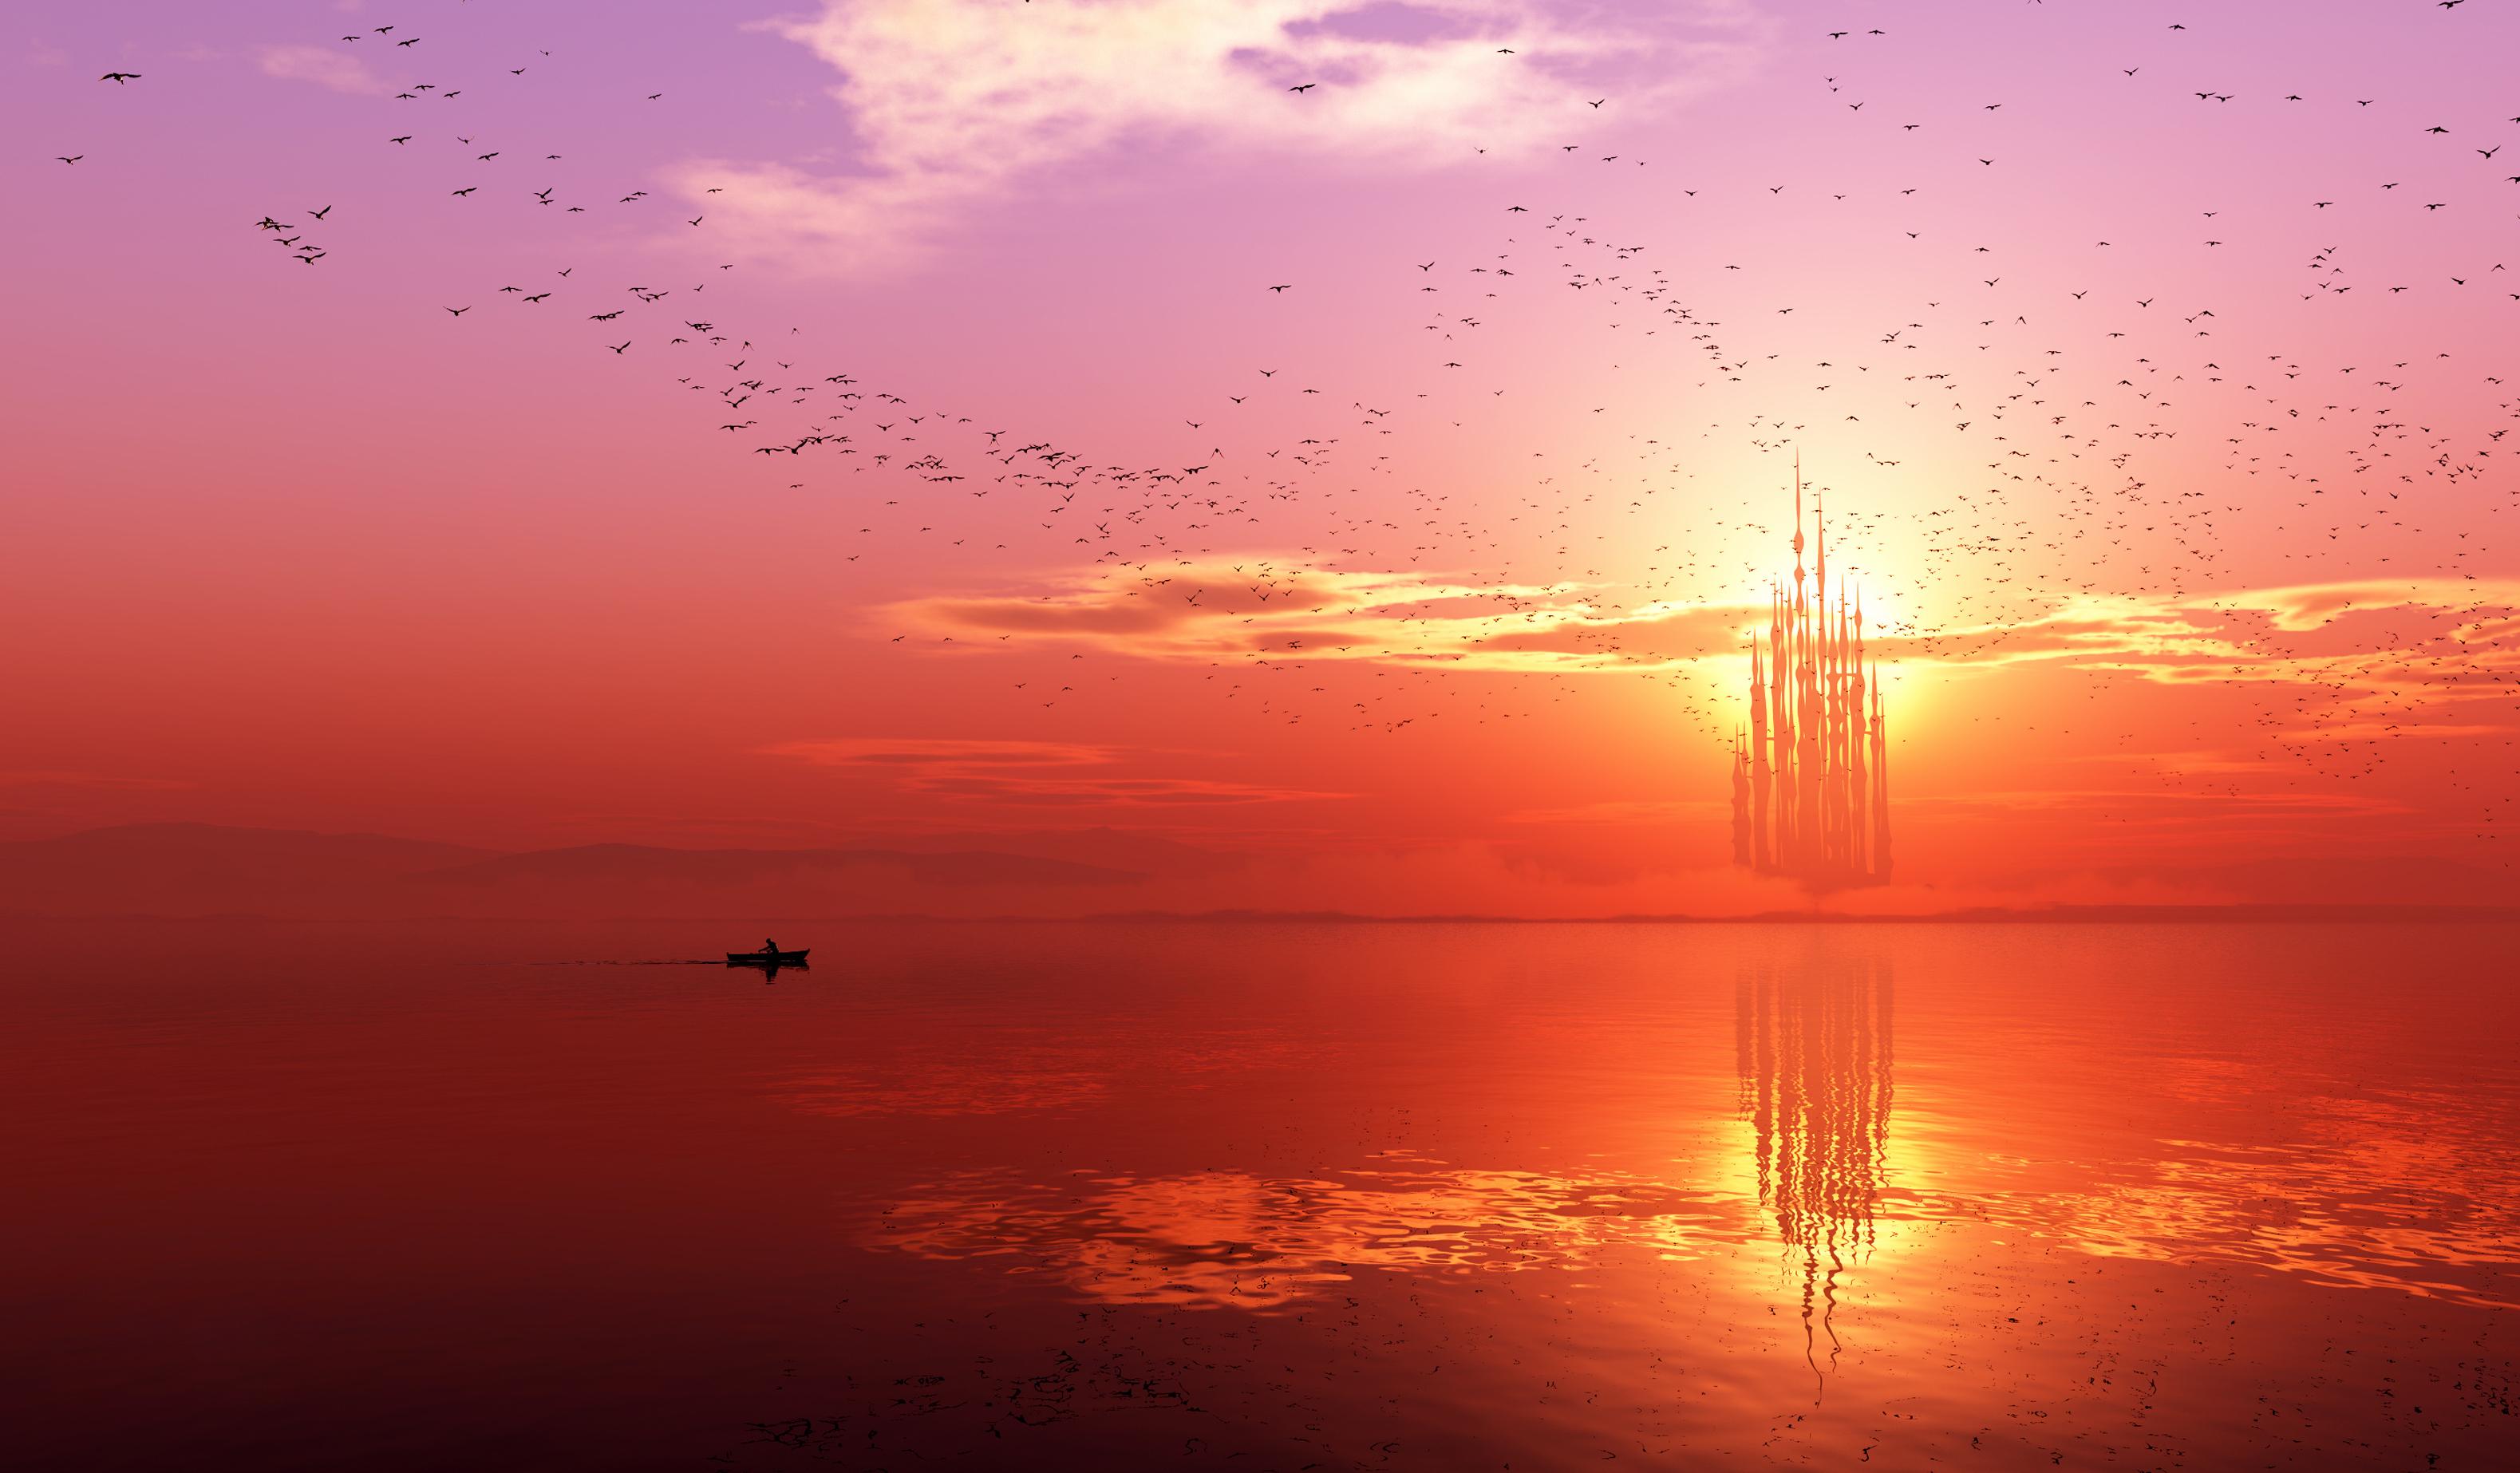 вертолет солнечный закат море загрузить